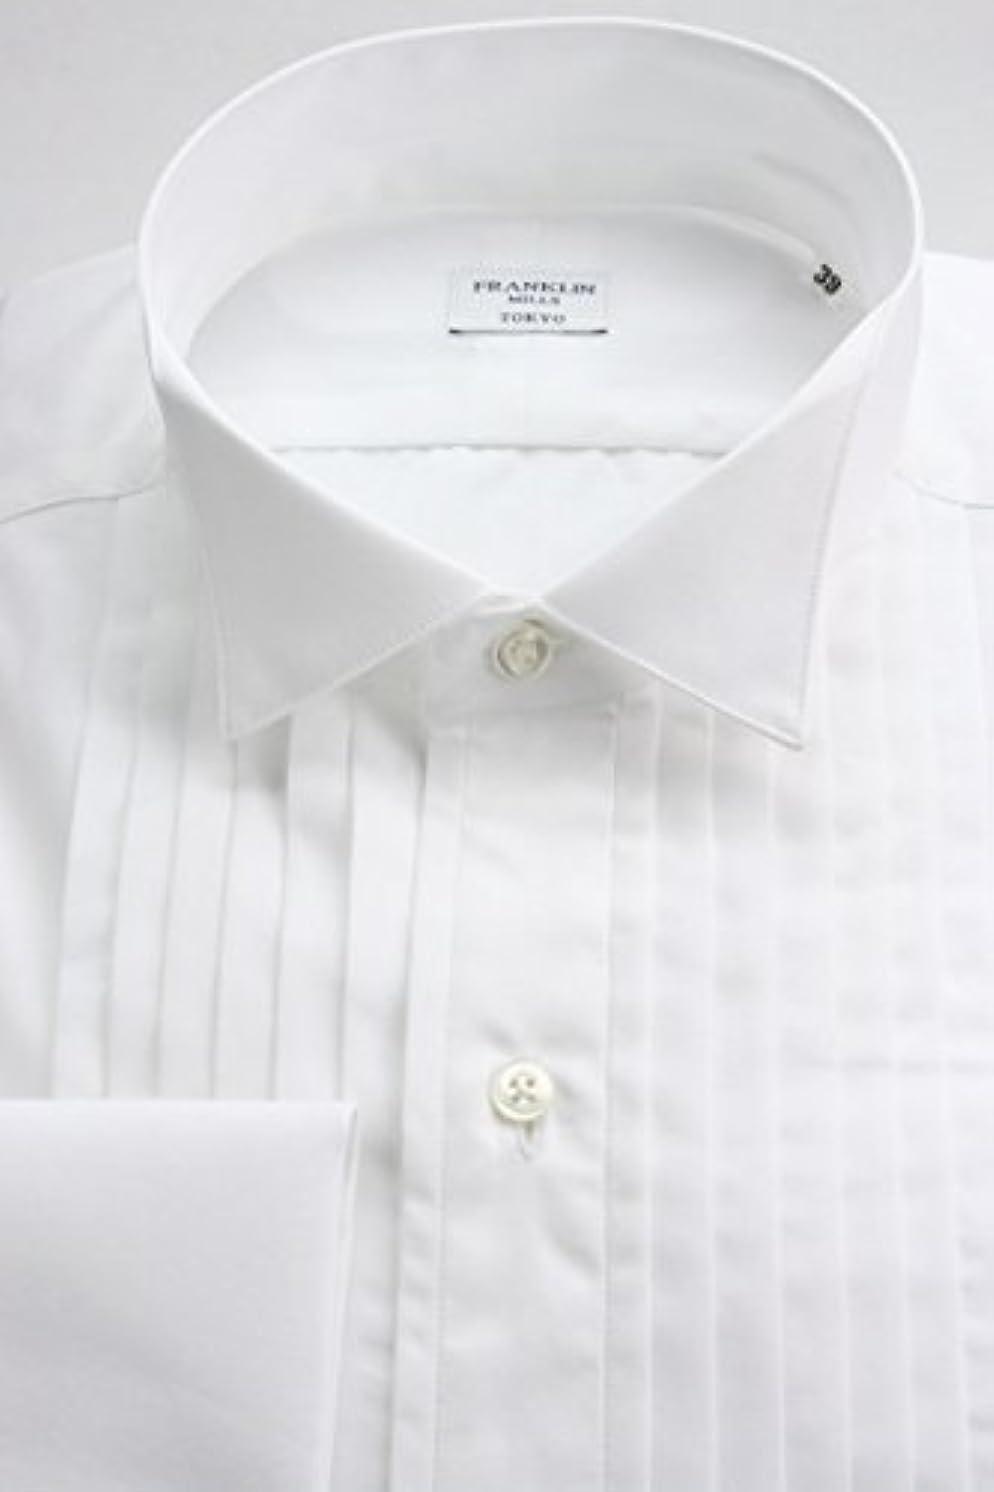 登場グレーフルーティー(フランクリンミルズ) FRANKLIN MILLS ブロード100双のウィングカラー シャツ 白無地 100番手双糸ブロード 綿100% 日本製 Italian Slim ot4530